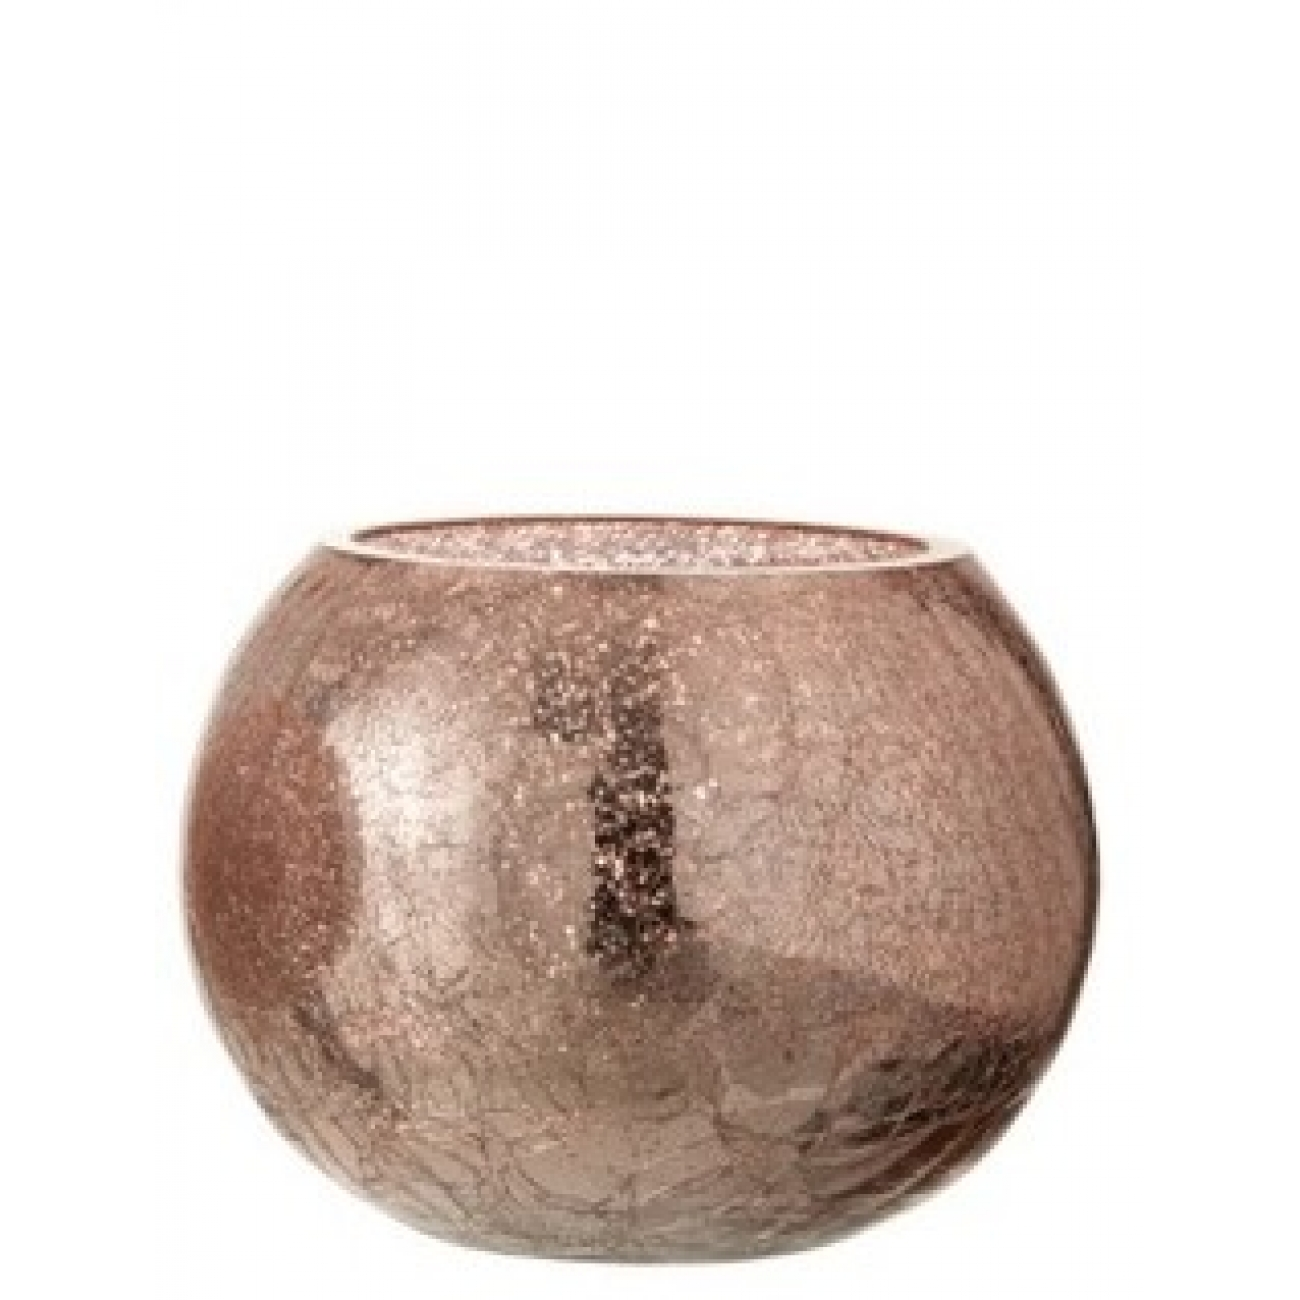 Подсвечник J-LINE стеклянный с эффектом разбитого стекла глянцевый розового цвета 15х15 см